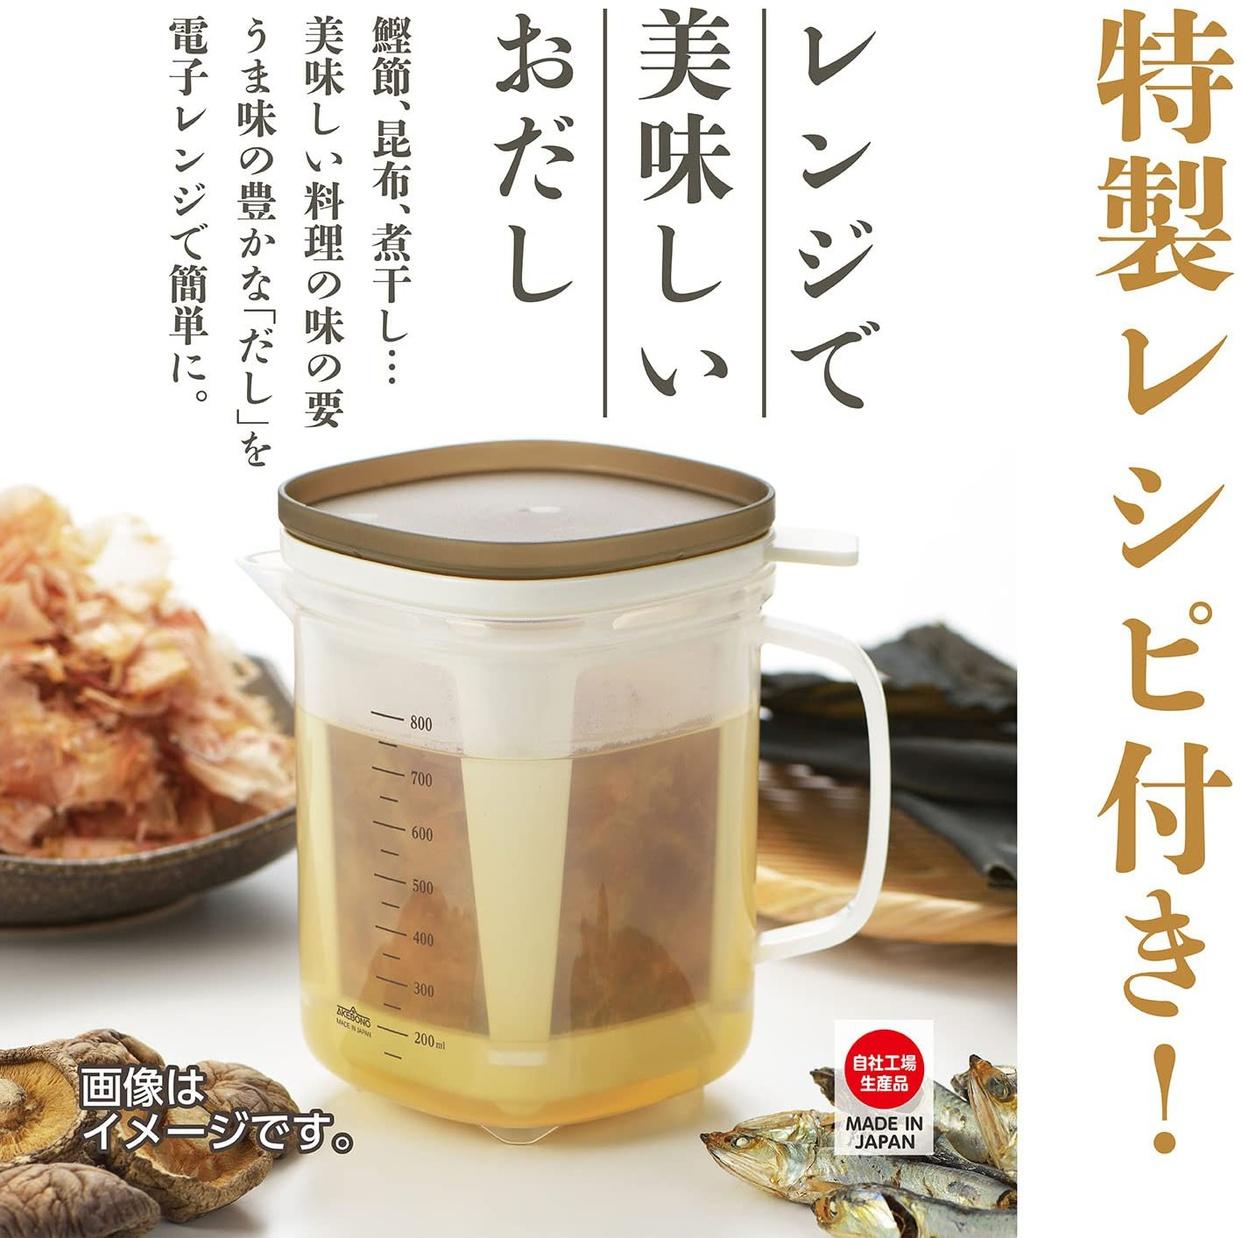 曙産業(AKEBONO) レンジで美味しいおだし RE-1510の商品画像8